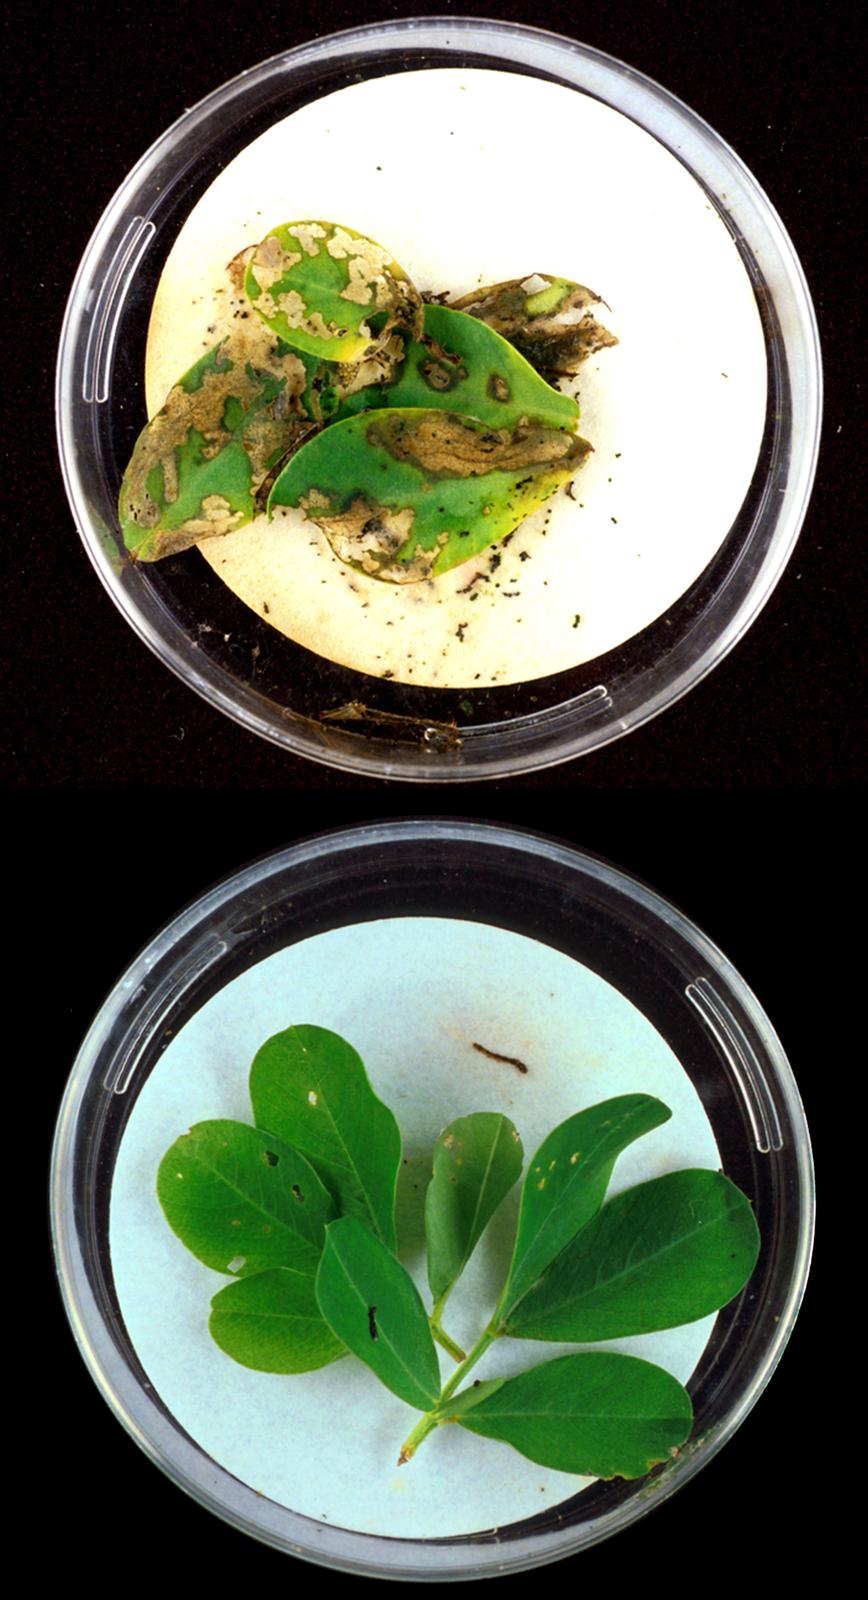 Fotografia przedstawia na czarnym tle dwa naczynia zzielonymi roślinami. Roślina ugóry ma liście częściowo pożółkłe, zniszczone przez owady. Roślina udołu ma liście nie uszkodzone, gdyż do jej genomu wprowadzono toksyny BT, chroniące przed owadami.